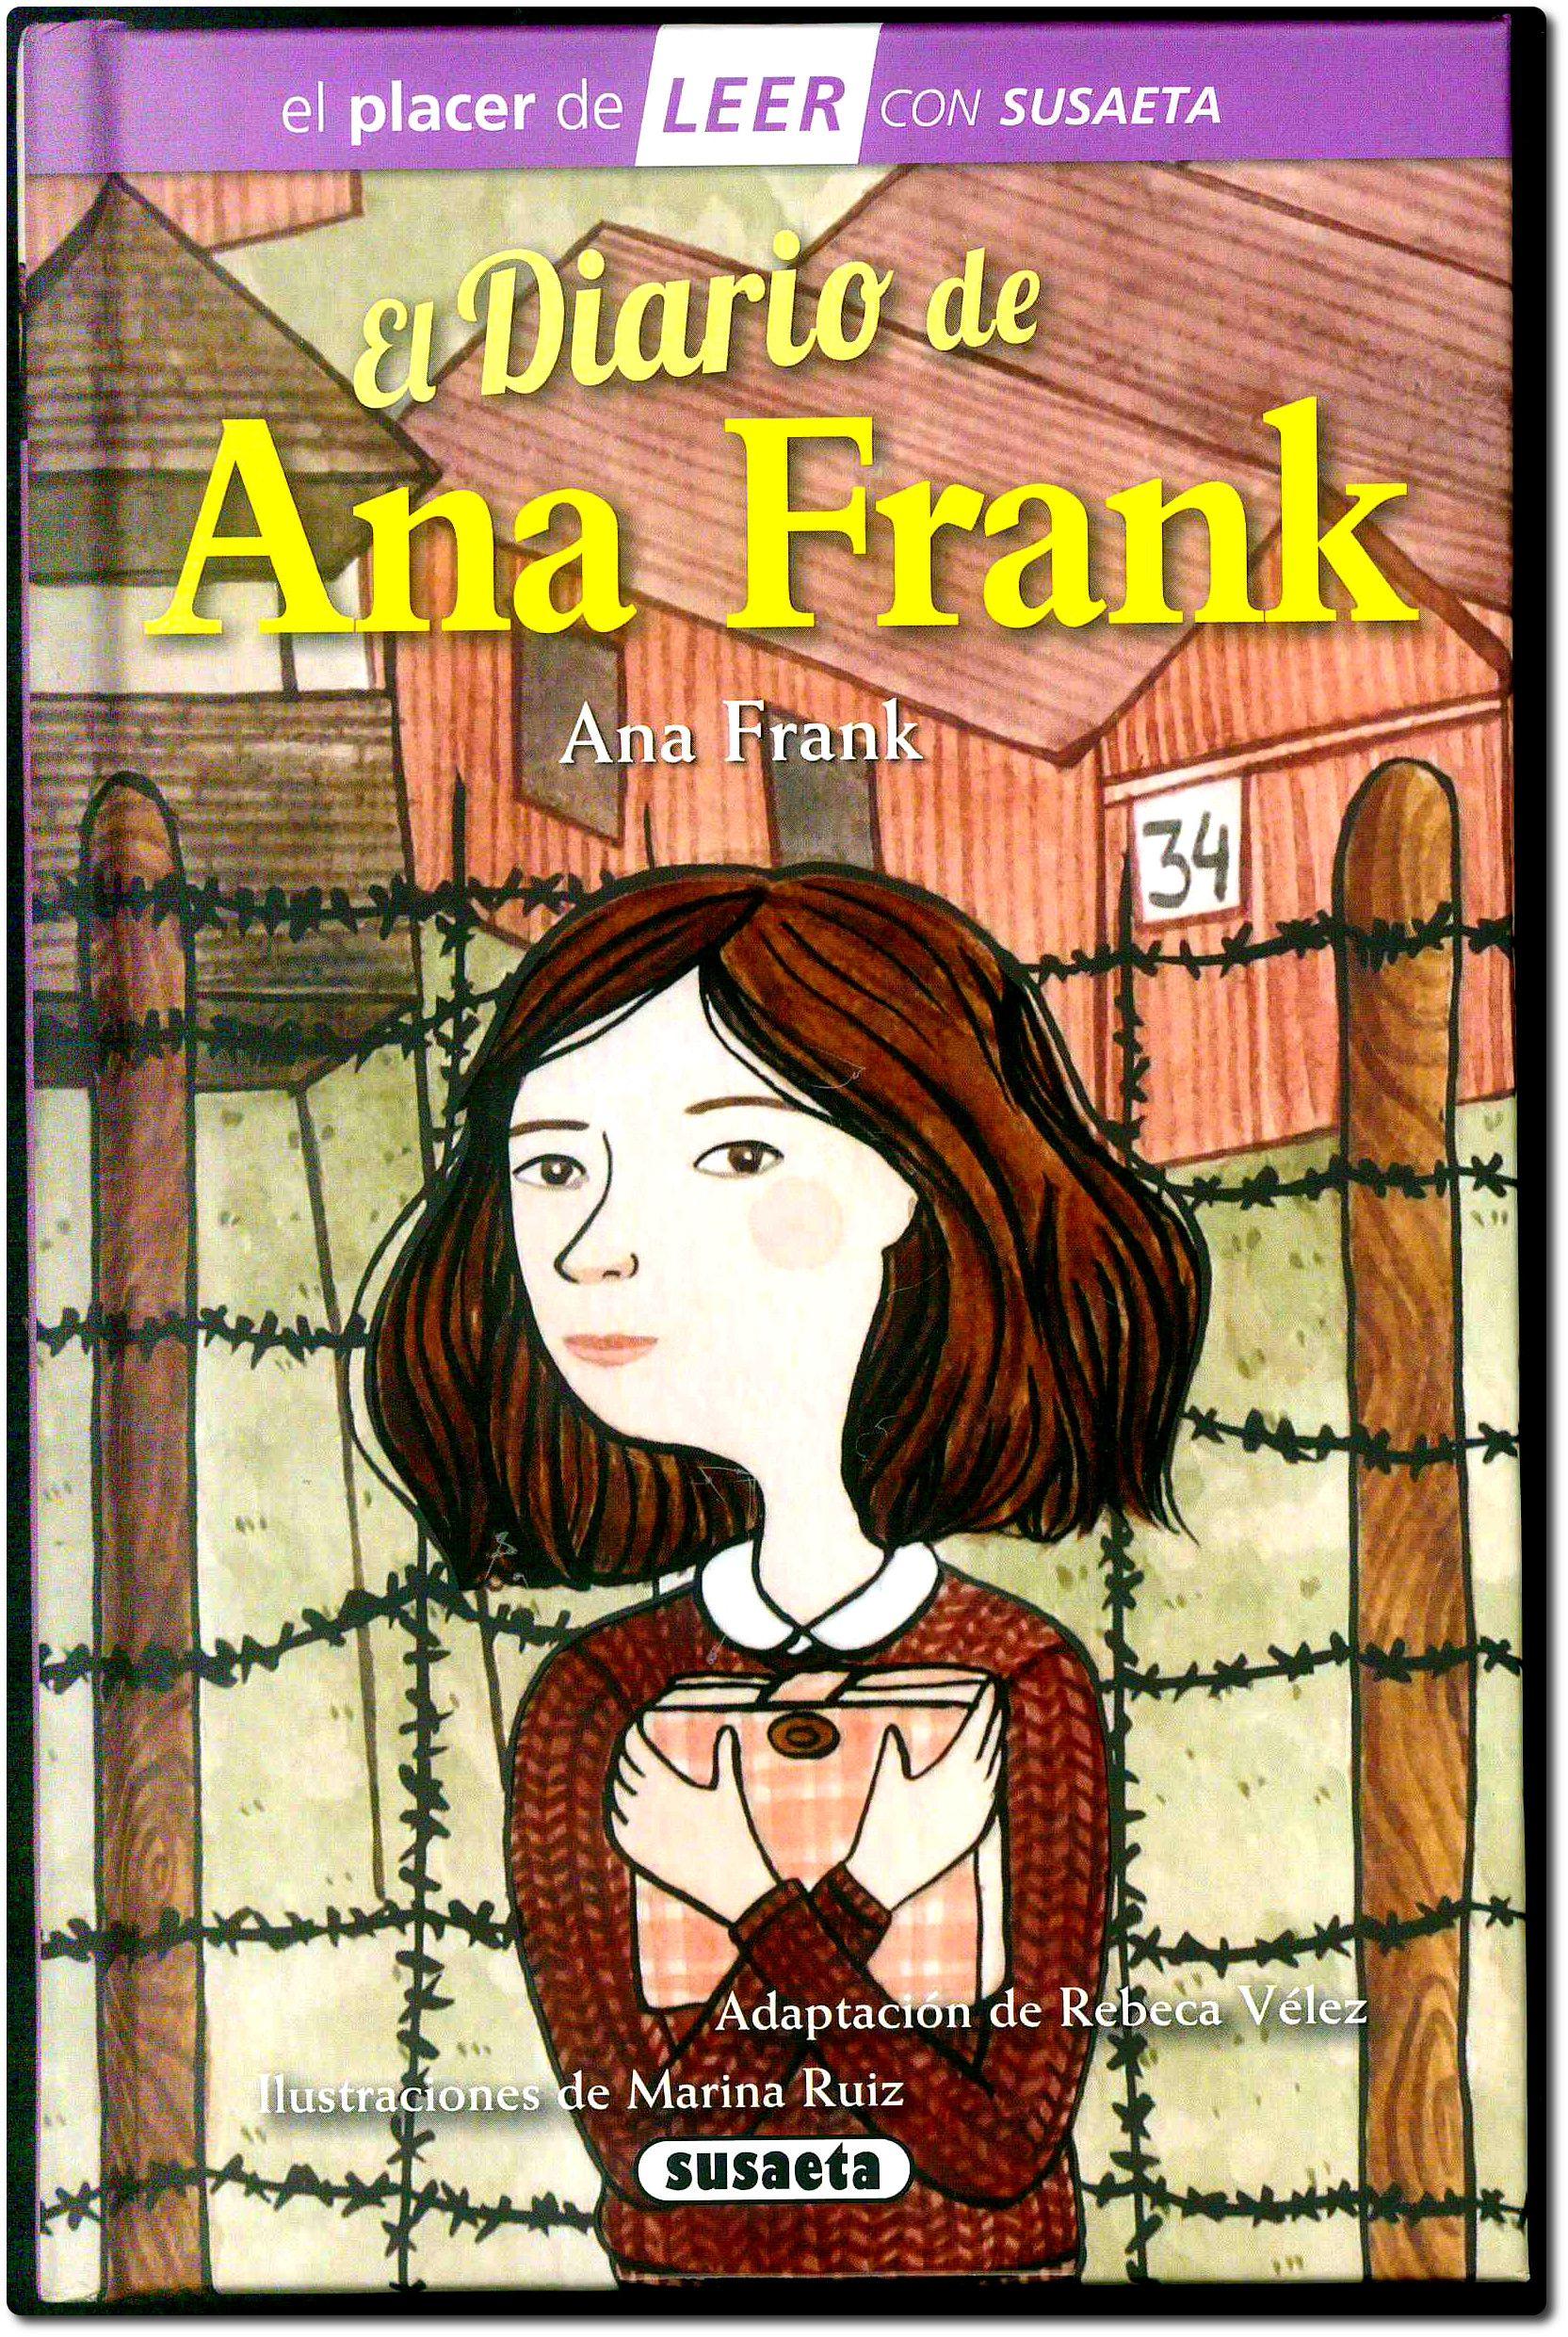 El Diario De Ana Frank Adaptación De Rebeca Vélez Ilustraciones De Marina Ruiz Susaeta 2015 El Diario De Ana Frank Ana Frank Portadas De Libros